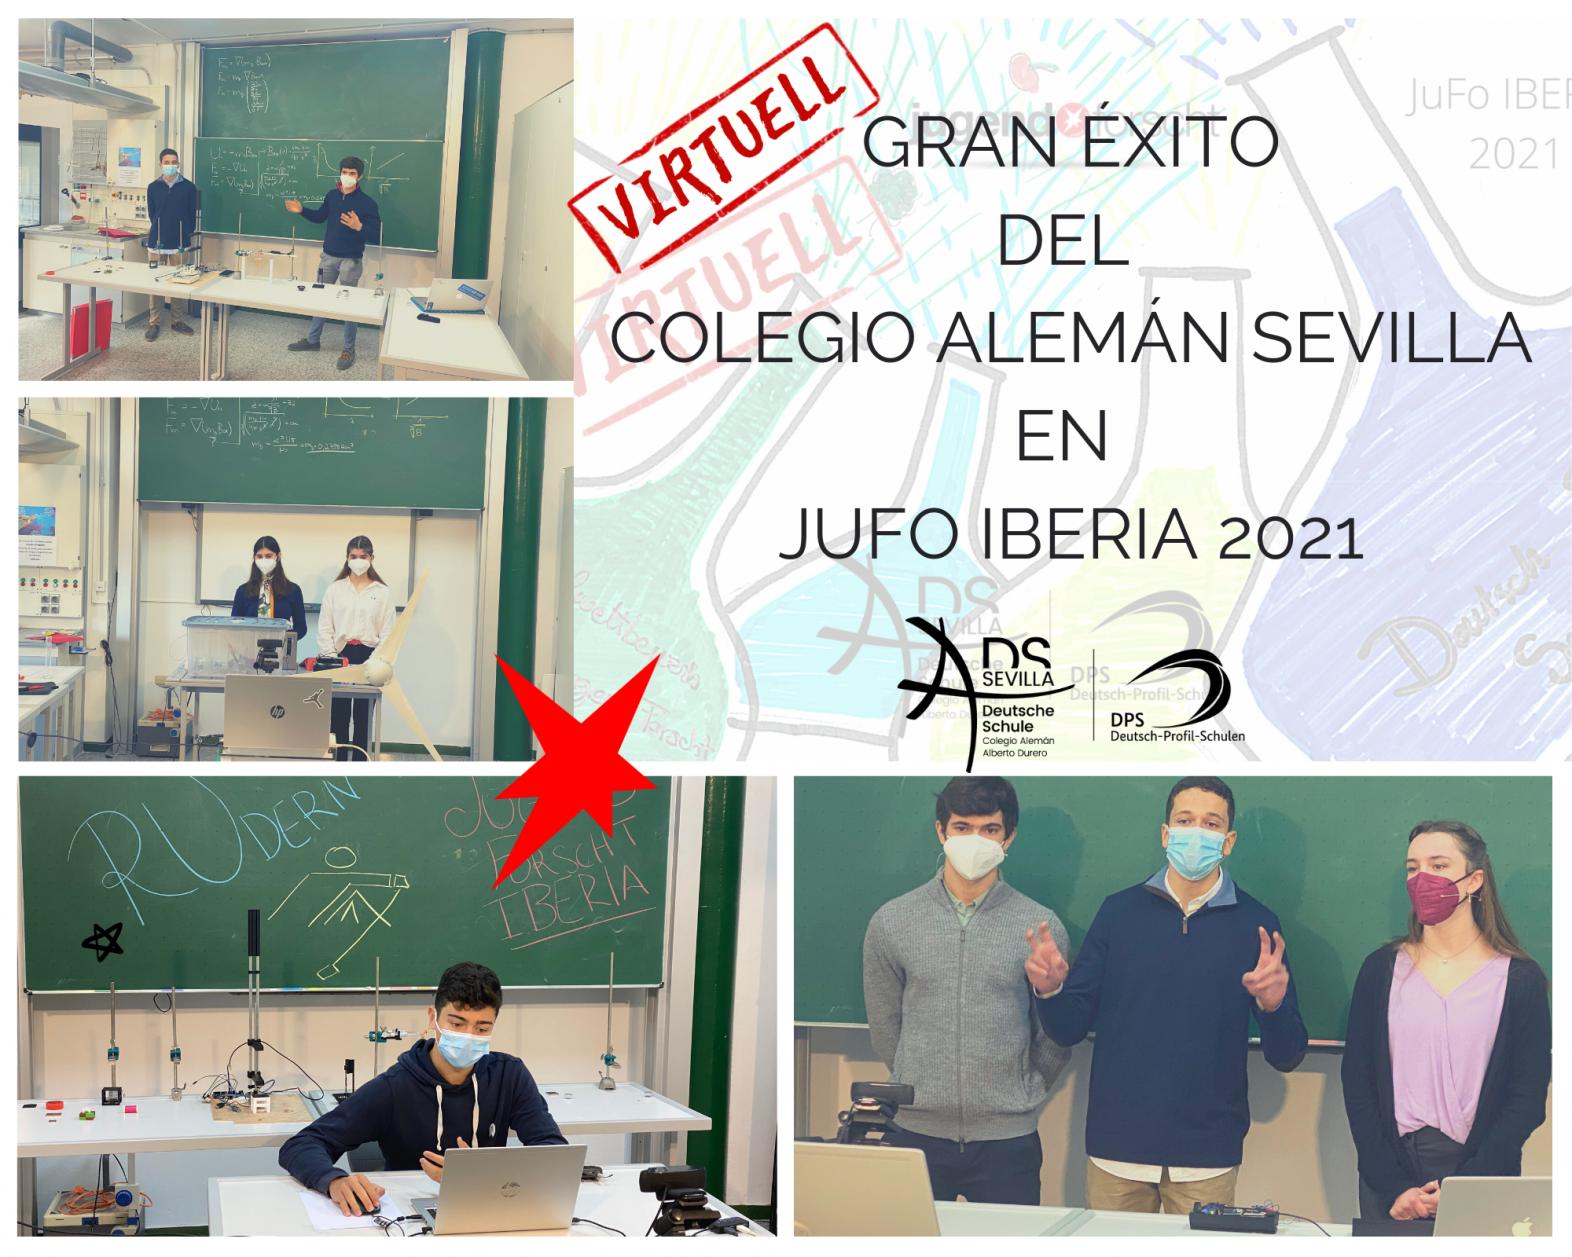 Jugend forscht! IBERIA: Concurso virtual para jóvenes científicos en el Colegio Alemán de Sevilla